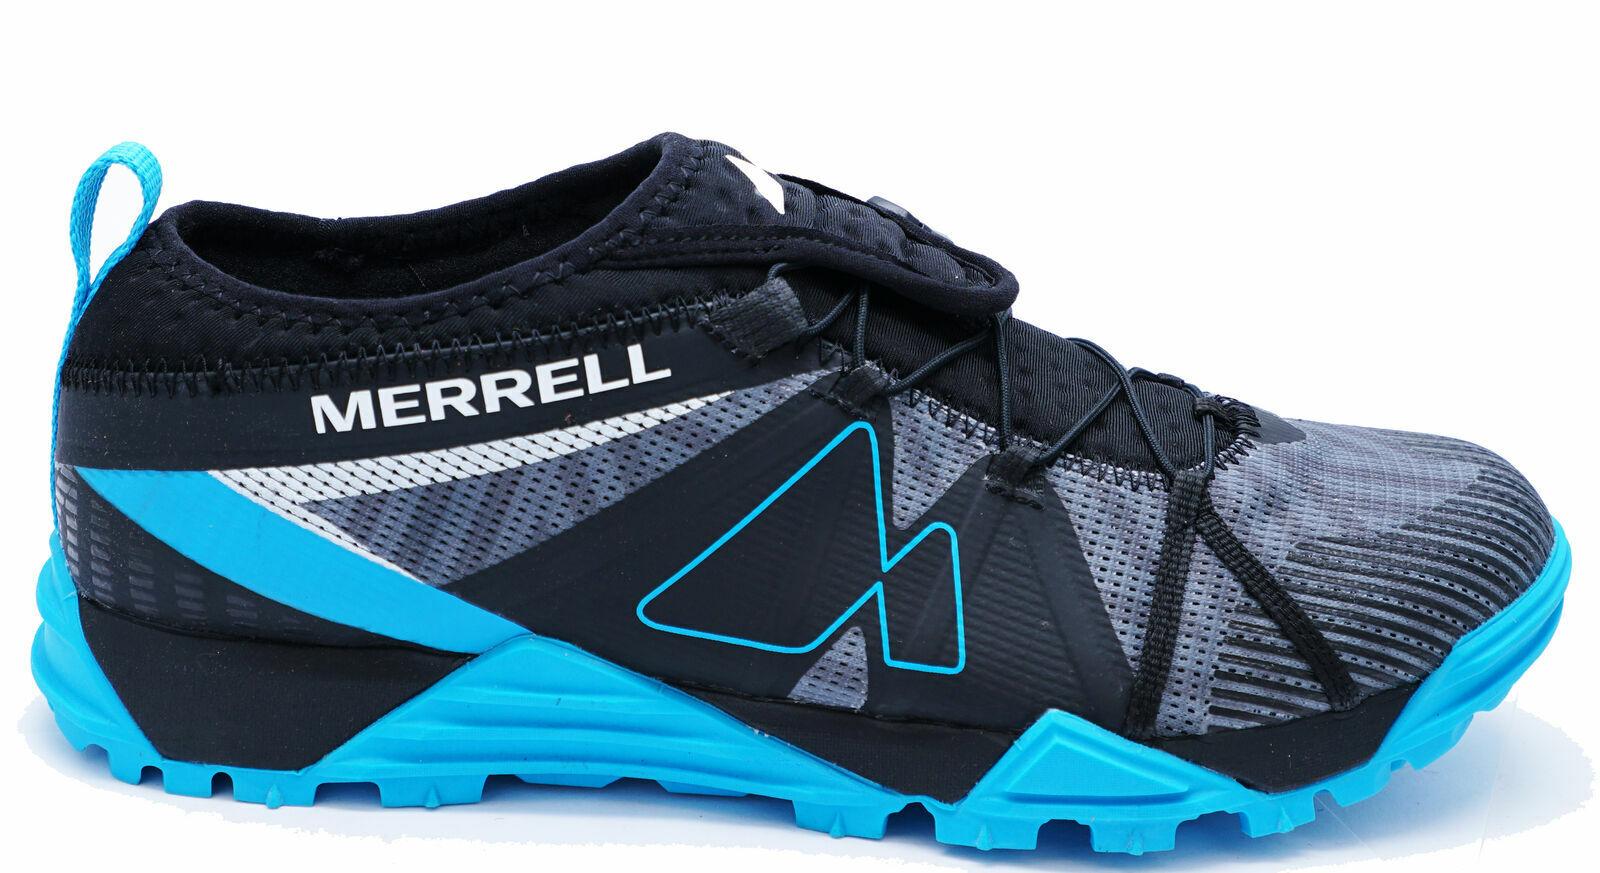 Da UOMO MERRELL avalaunch Blu Corsa Palestra Passeggio Casual Sportive Sautope da ginnastica 7-12